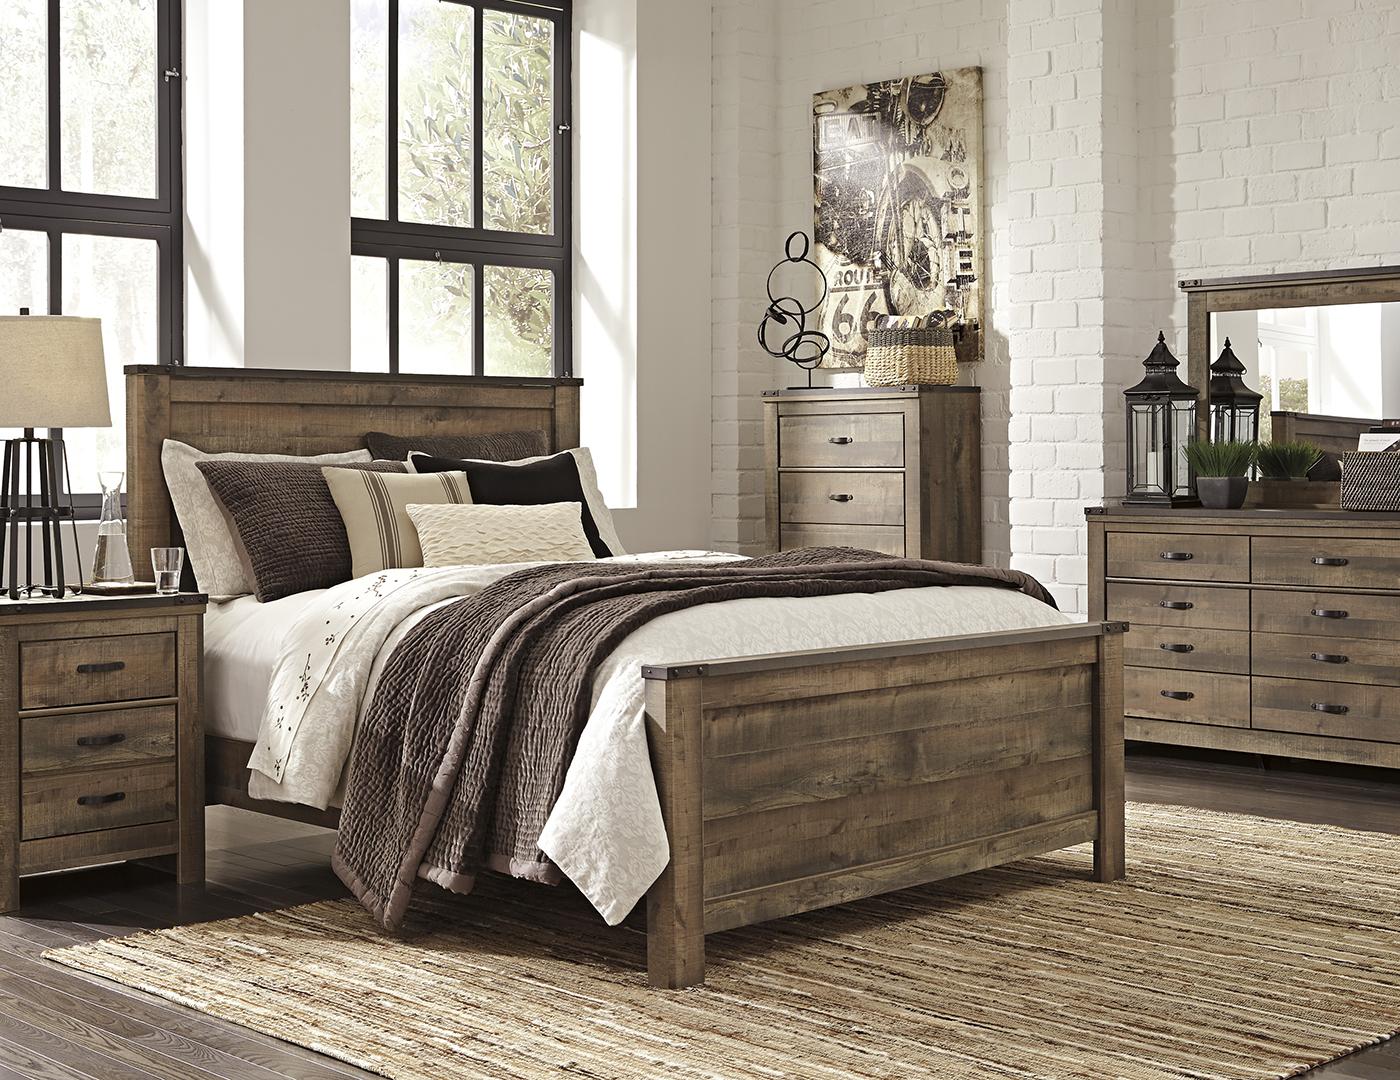 Trinell 5pc Queen Bedroom Set Steinhafels